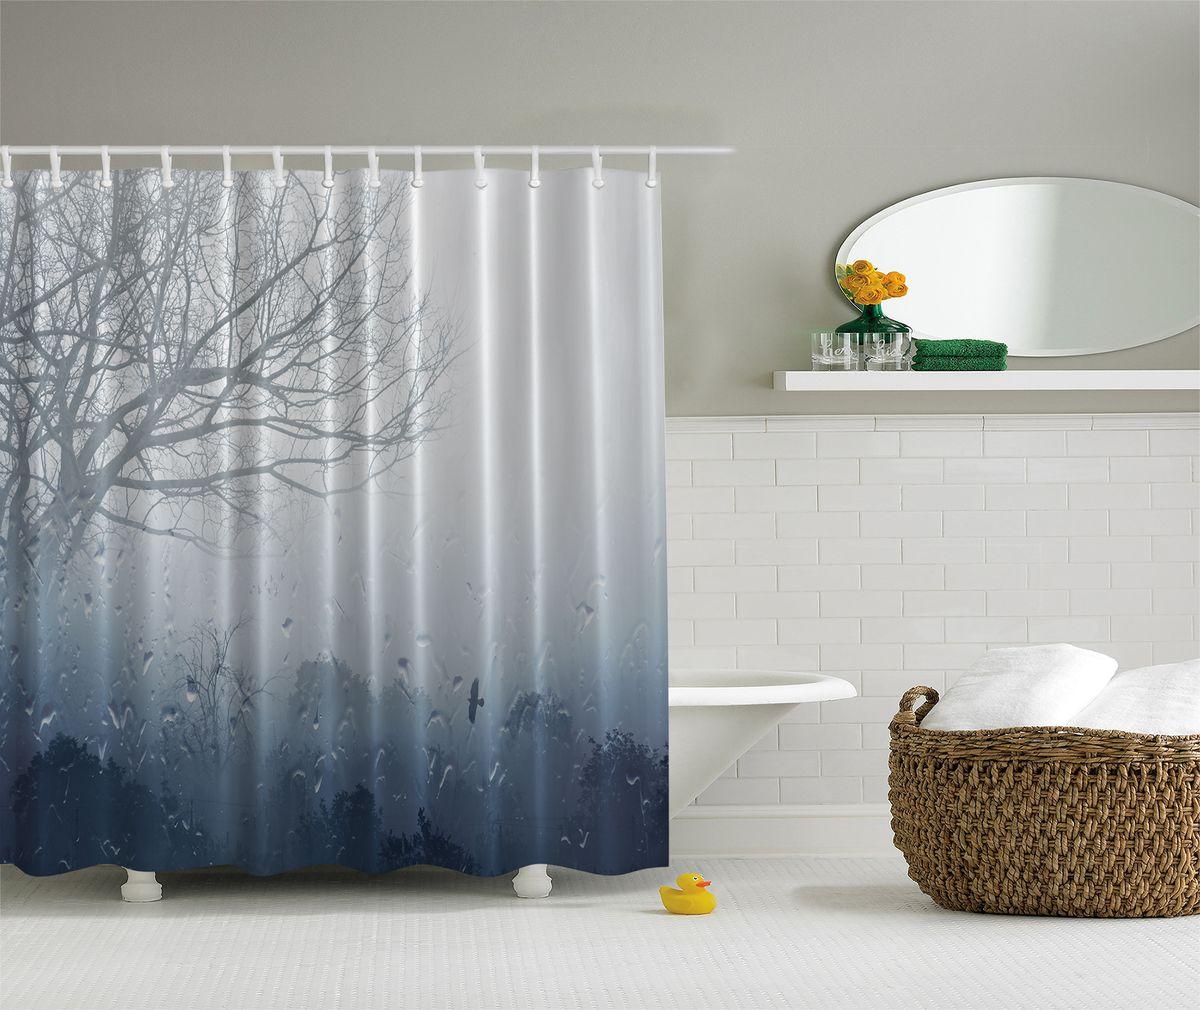 Штора для ванной комнаты Magic Lady Дождливый вечер и туман, 180 х 200 смшв_4419Штора Magic Lady Дождливый вечер и туман, изготовленная из высококачественного сатена (полиэстер 100%), отлично дополнит любой интерьер ванной комнаты. При изготовлении используются специальные гипоаллергенные чернила для прямой печати по ткани, безопасные для человека.В комплекте: 1 штора, 12 крючков. Обращаем ваше внимание, фактический цвет изделия может незначительно отличаться от представленного на фото.